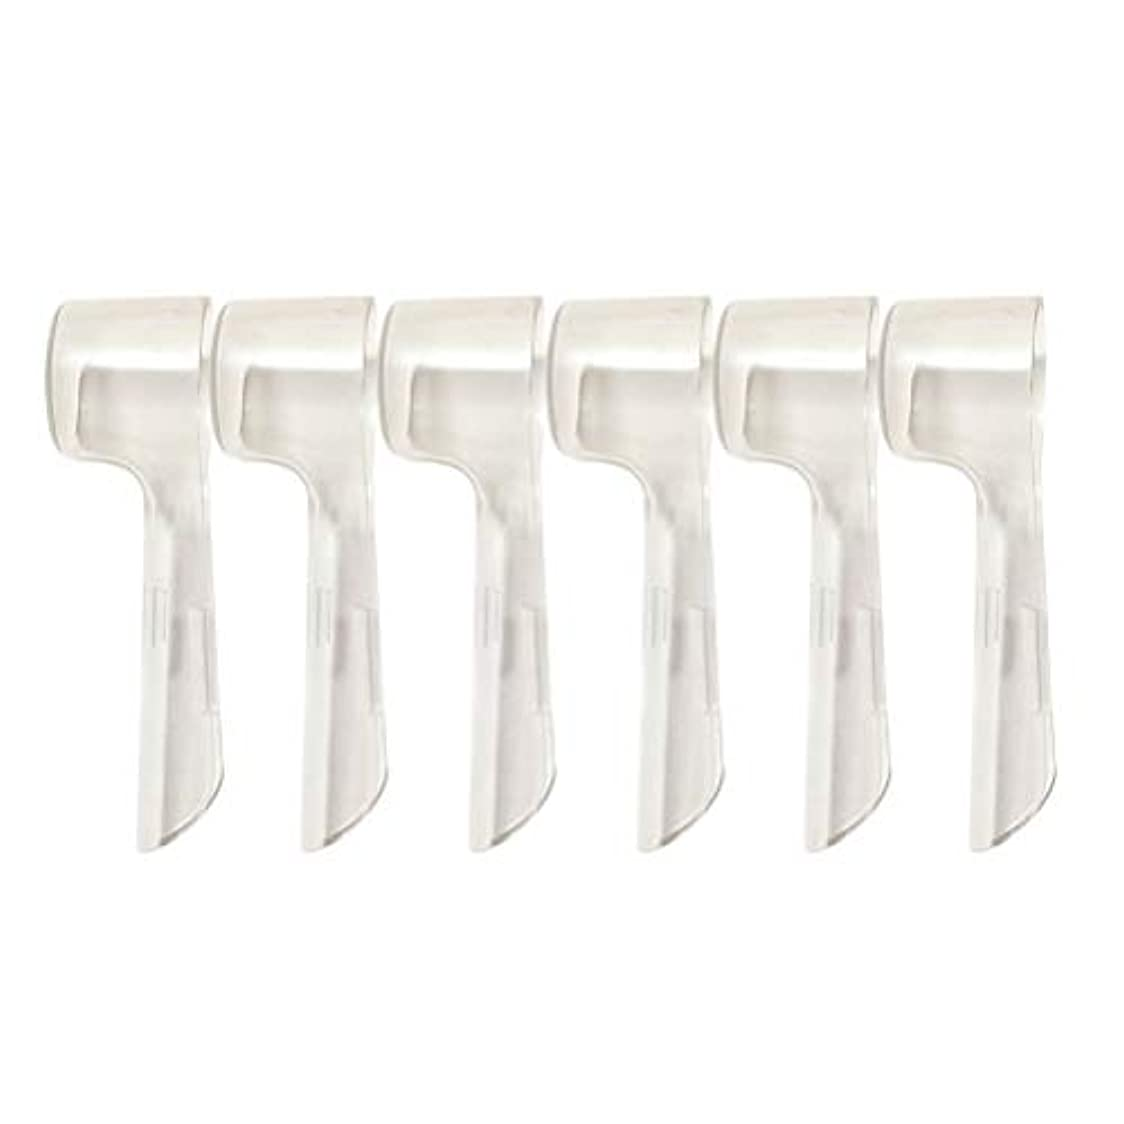 八清めるタイピストSUPVOX 旅行のために便利な電動歯ブラシのための10本の歯ブラシヘッドカバー